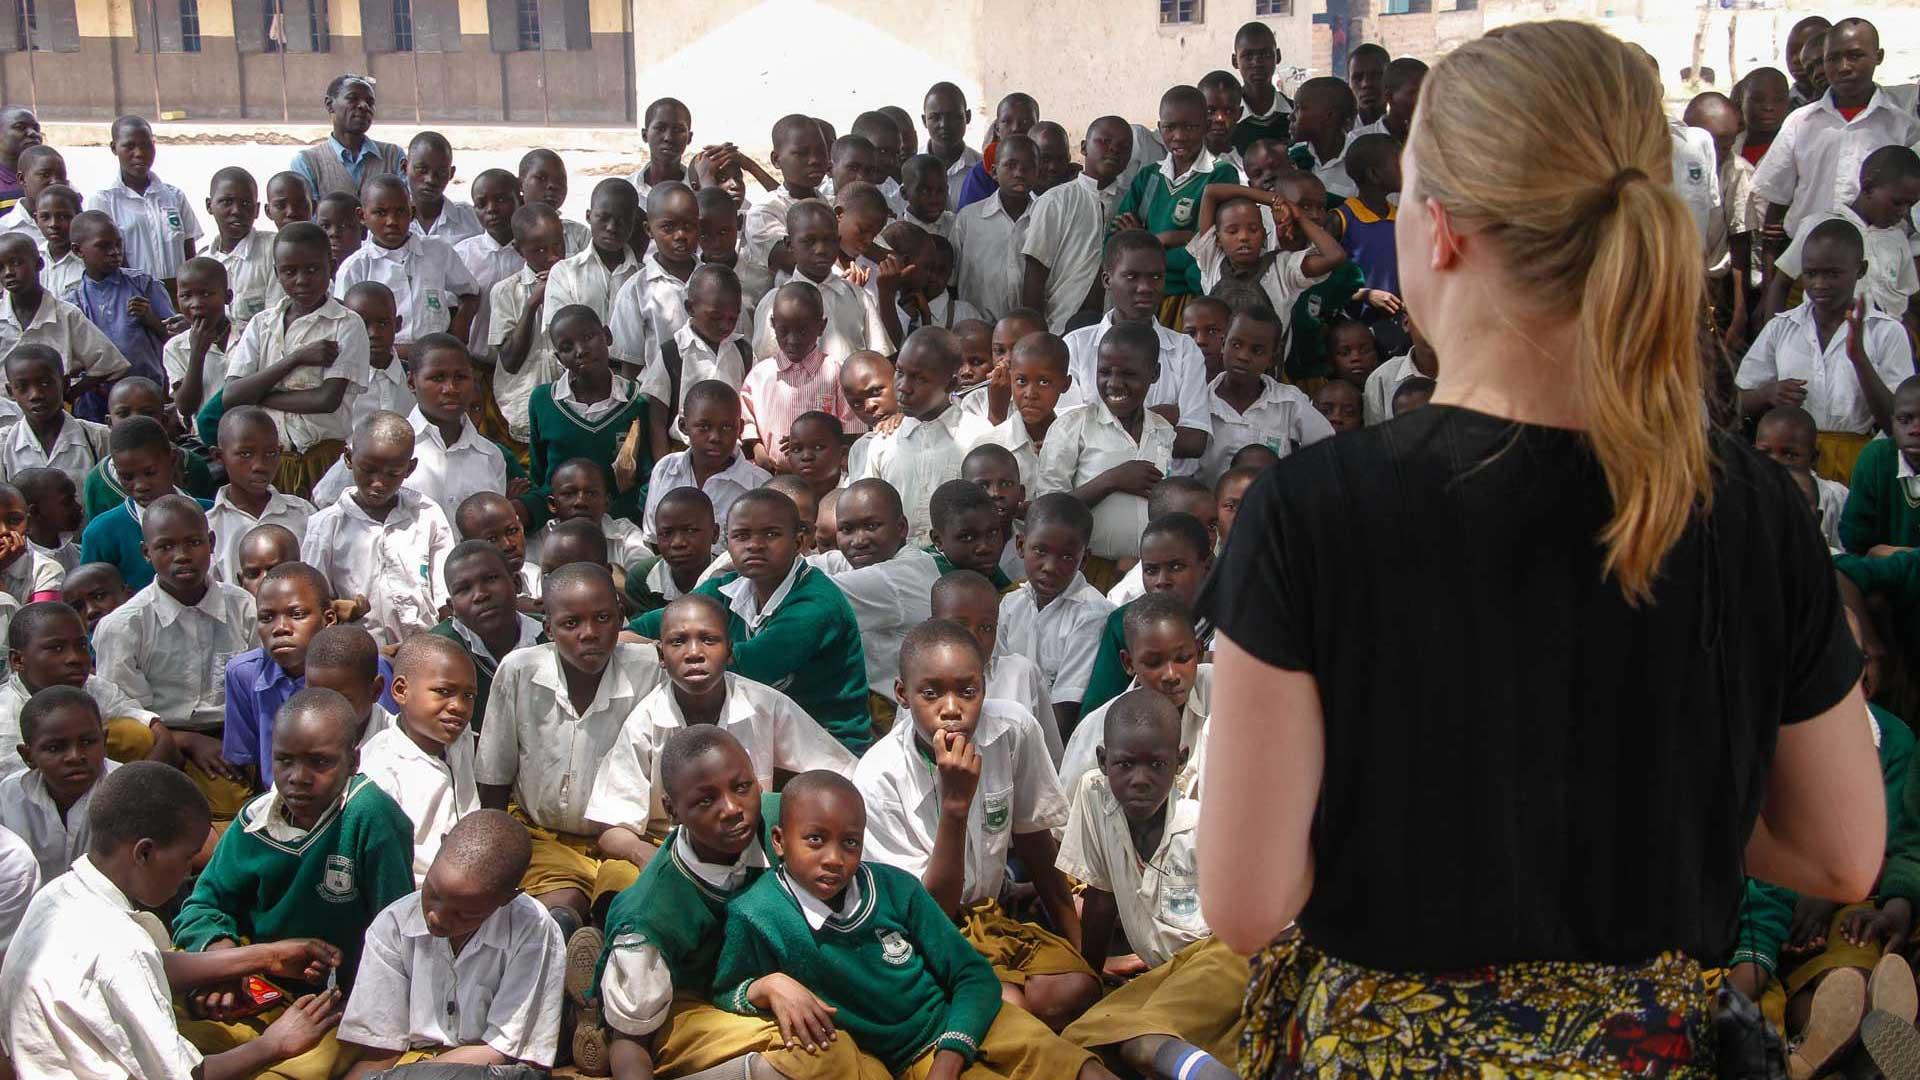 Student in Uganda